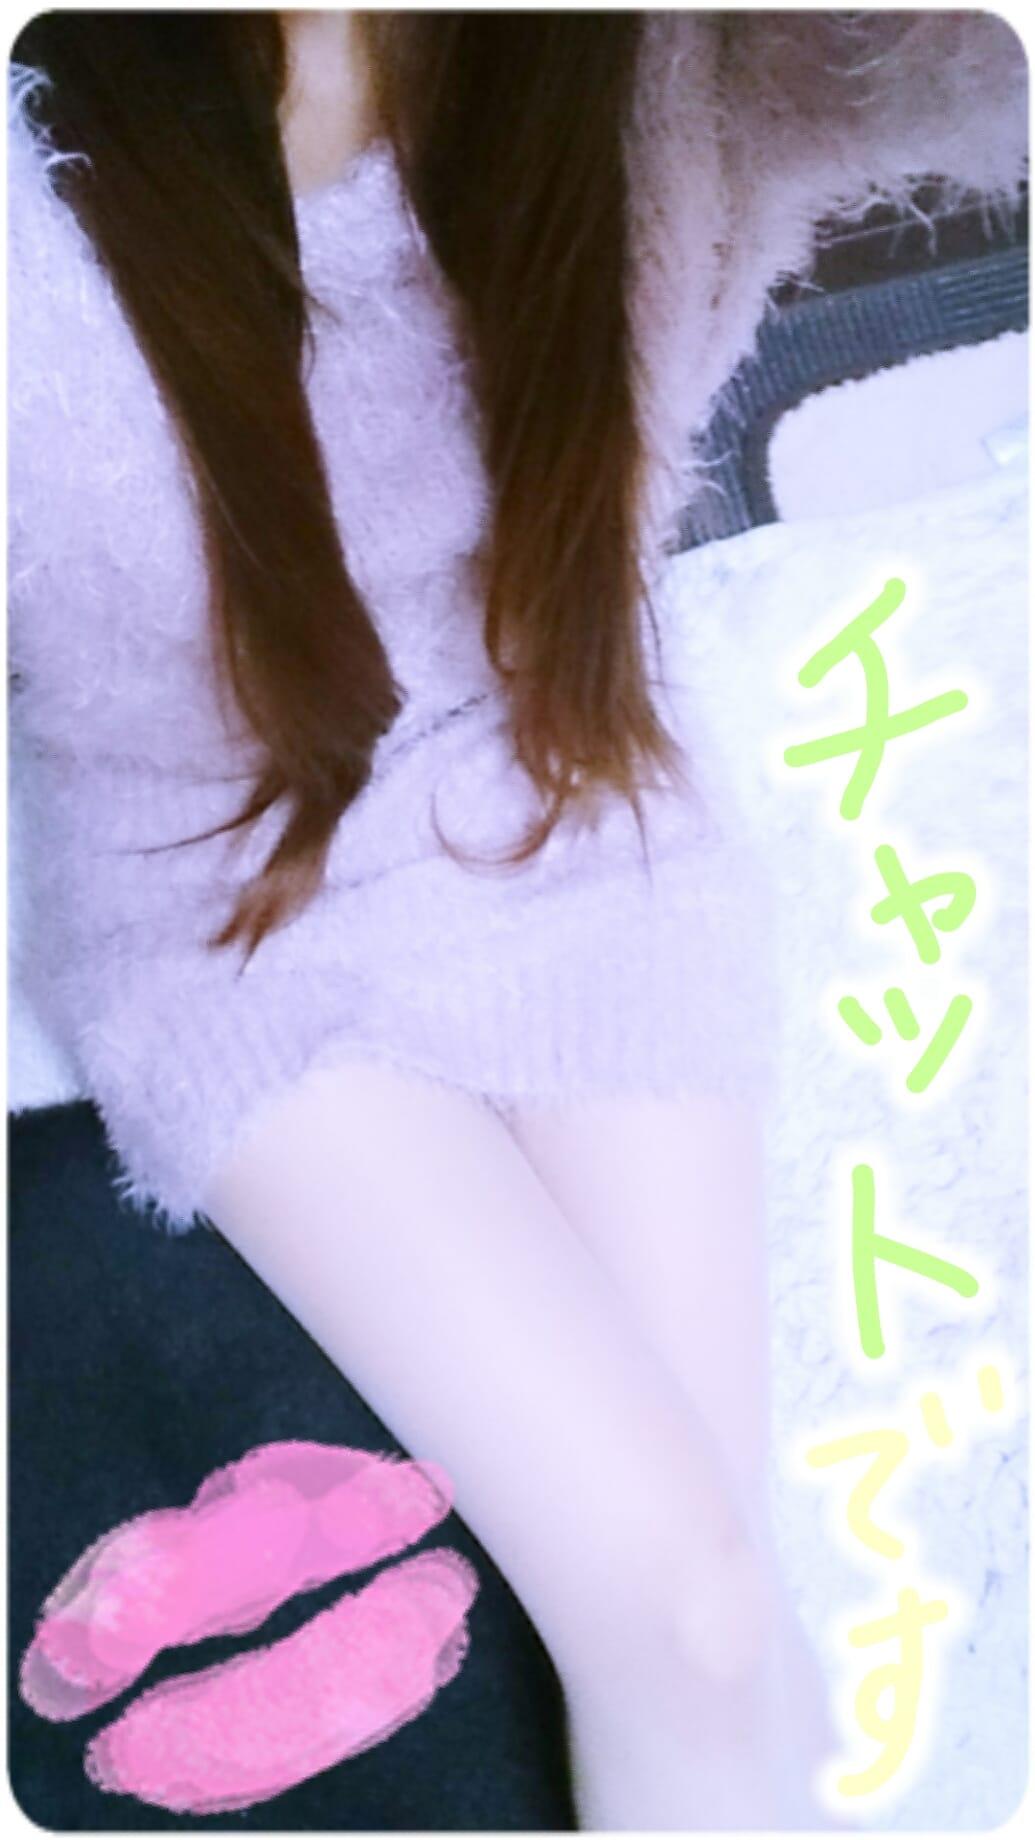 るあん「るあんです♪」12/16(土) 10:29   るあんの写メ・風俗動画